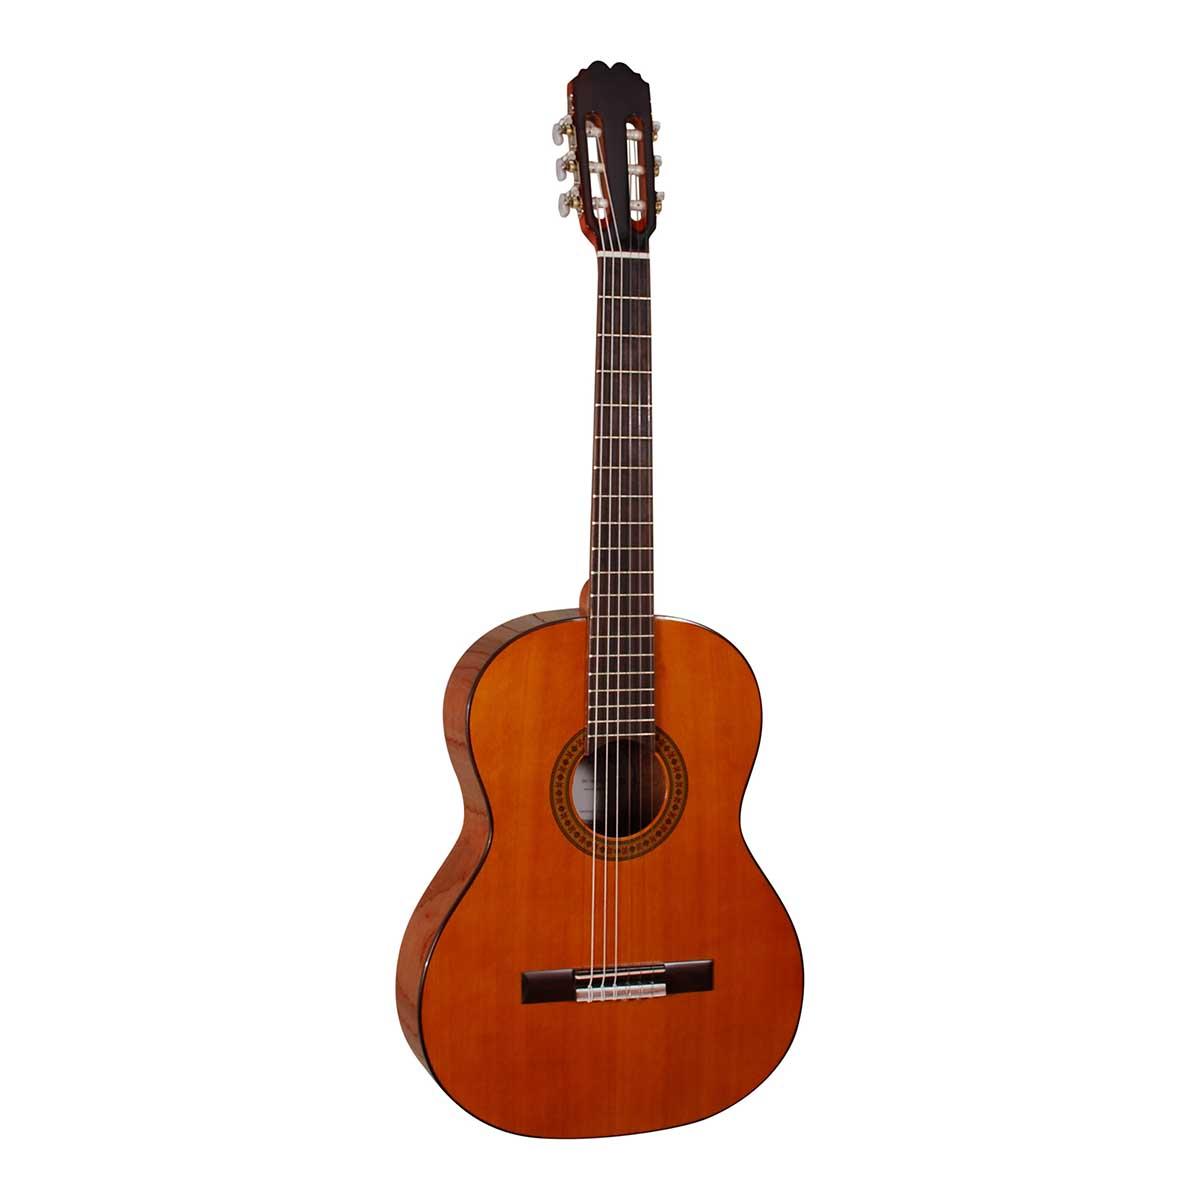 Santana DG-100 HG 4/4 spansk-guitar